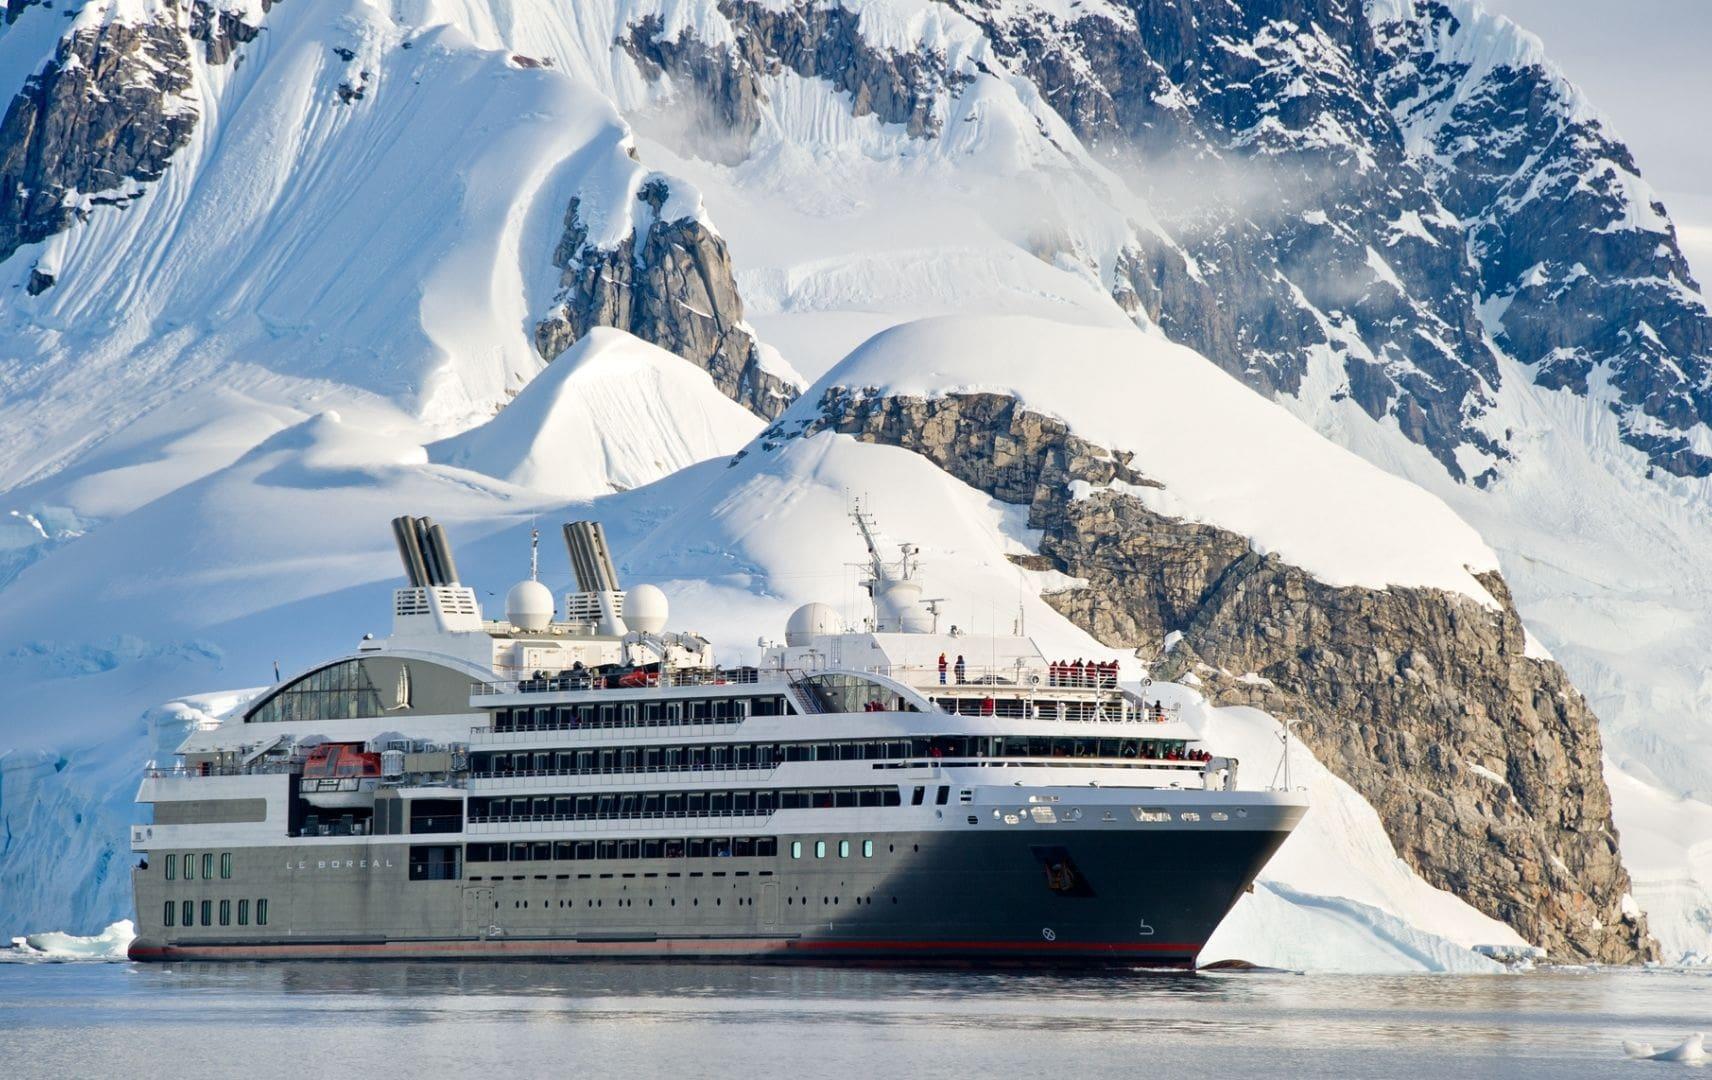 Eisberge und Schiff auf dem Meer